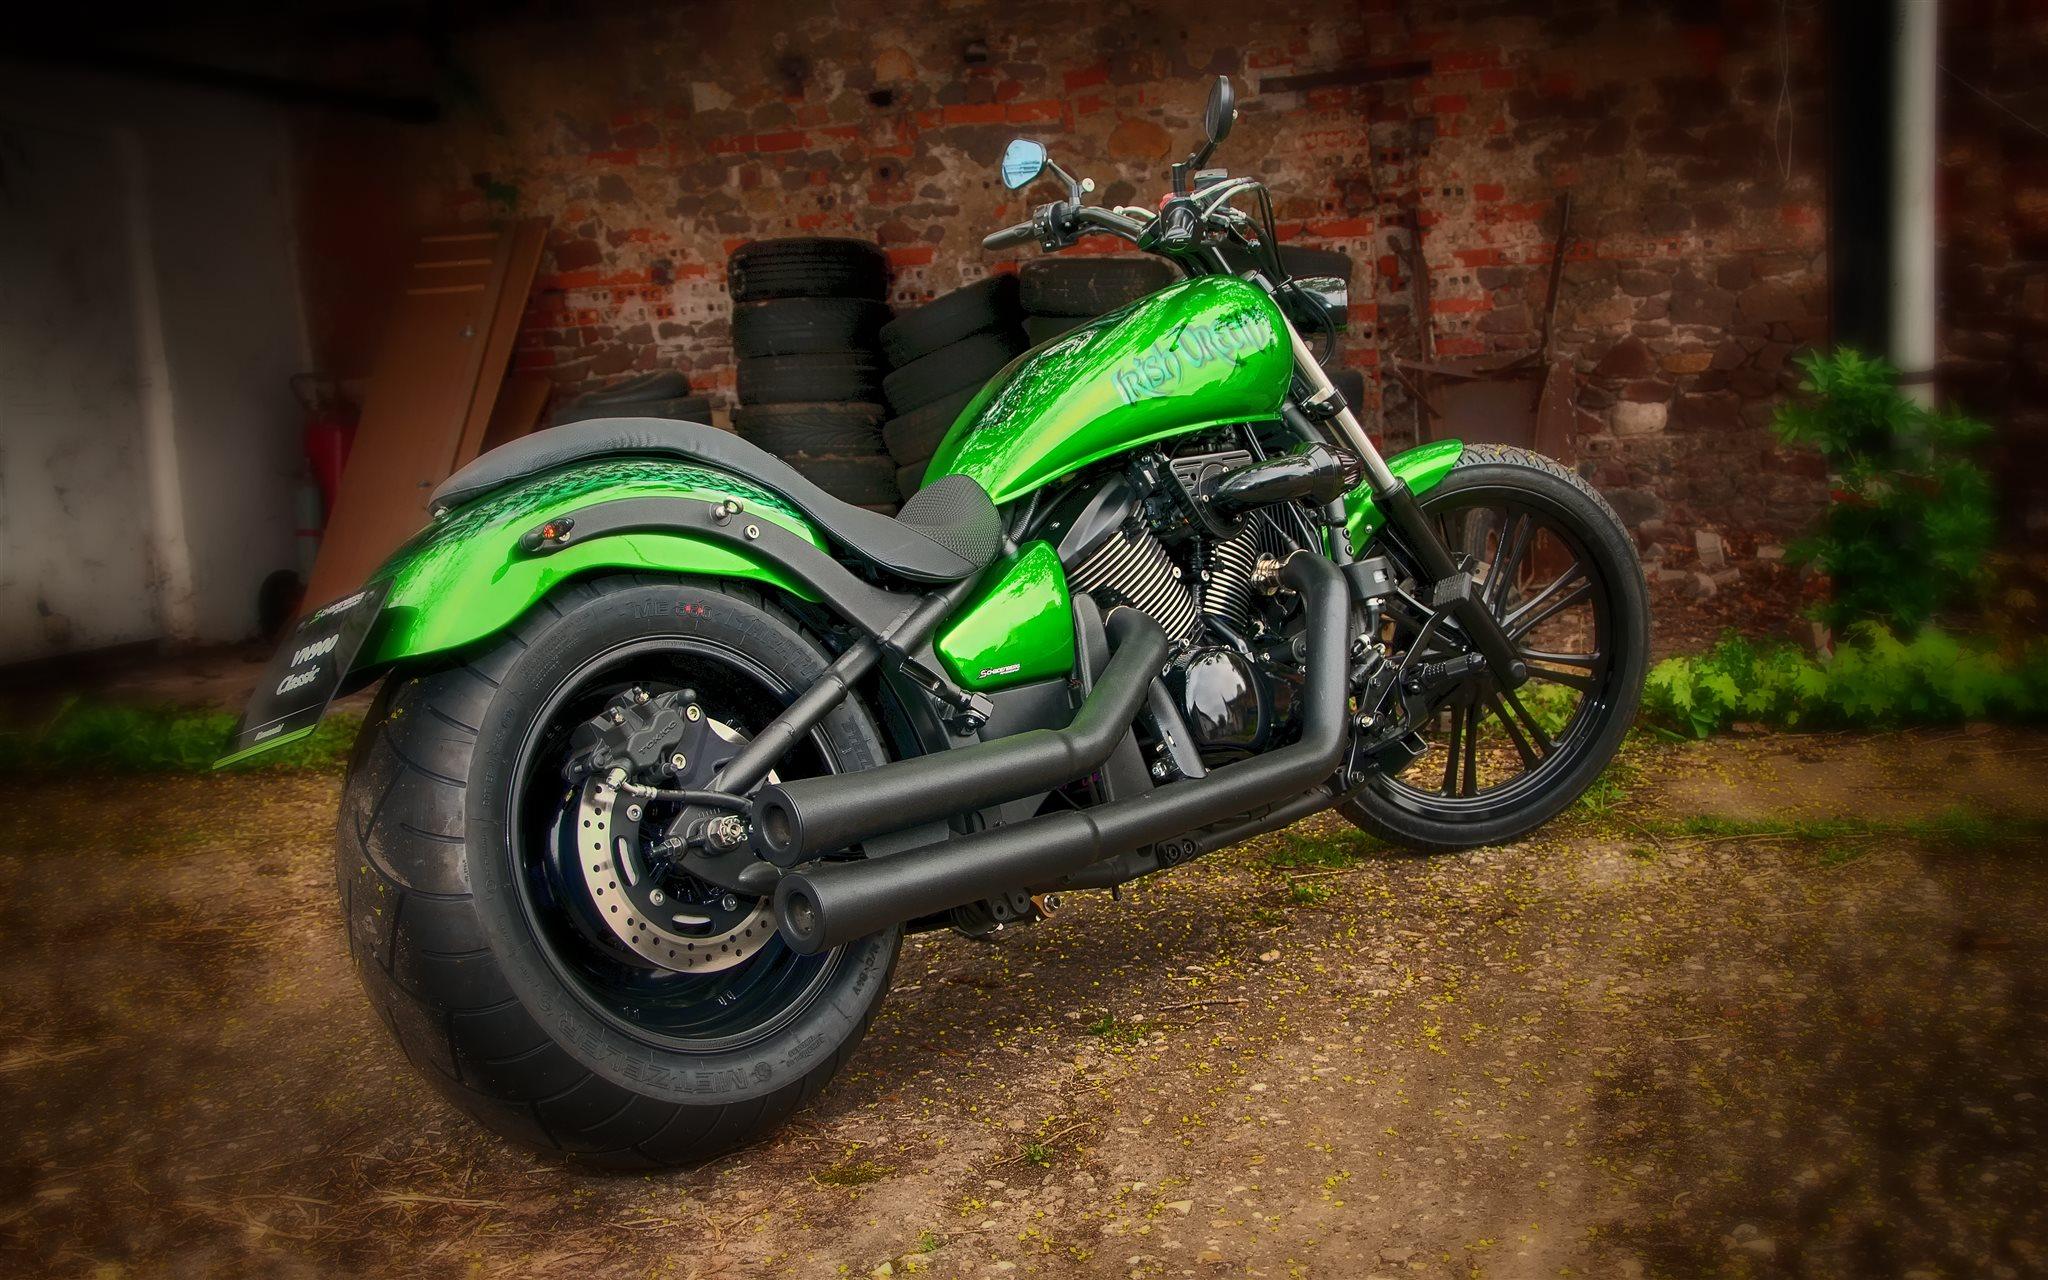 umgebautes motorrad kawasaki vn 900 custom von motorradsport schadenberg gbr. Black Bedroom Furniture Sets. Home Design Ideas